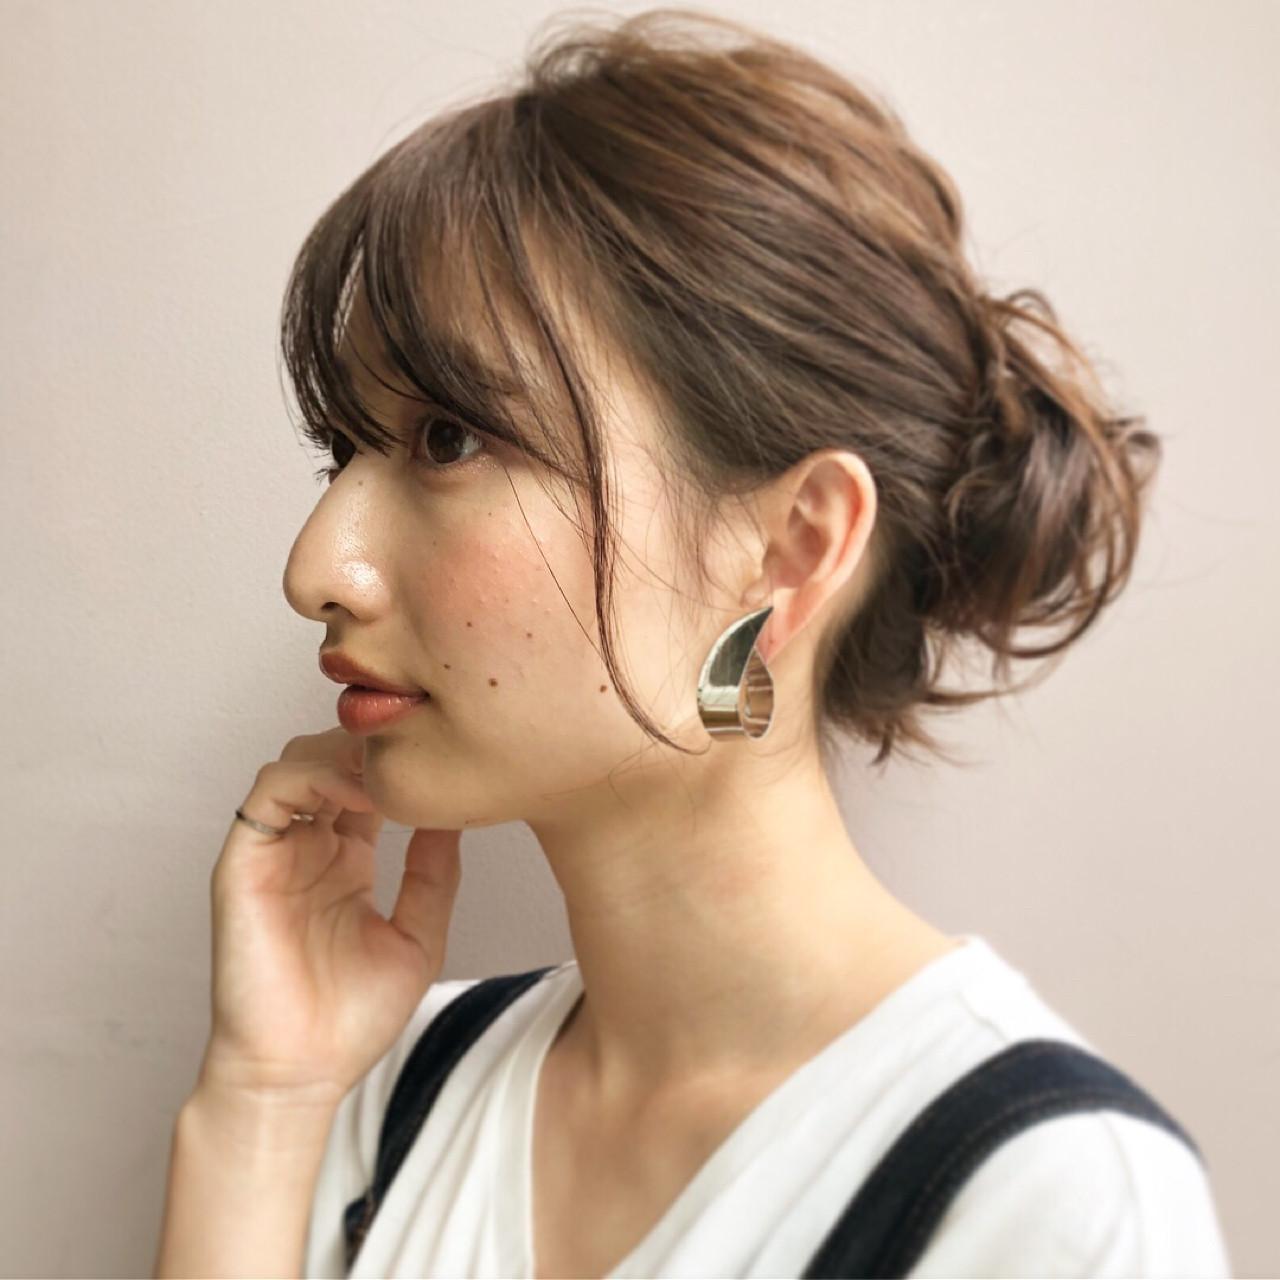 ナチュラル 夏 ヘアアレンジ ミディアムヘアスタイルや髪型の写真・画像